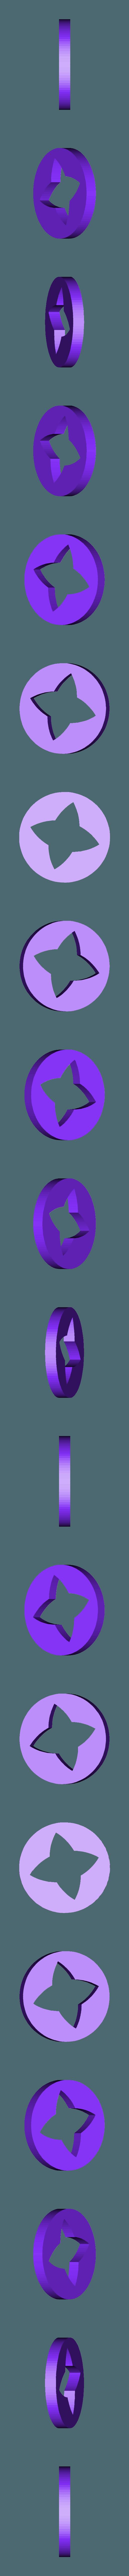 transmission_shaft_no_move_ring.stl Télécharger fichier STL gratuit Transmission à engrenages coniques • Modèle à imprimer en 3D, matthewdwulff